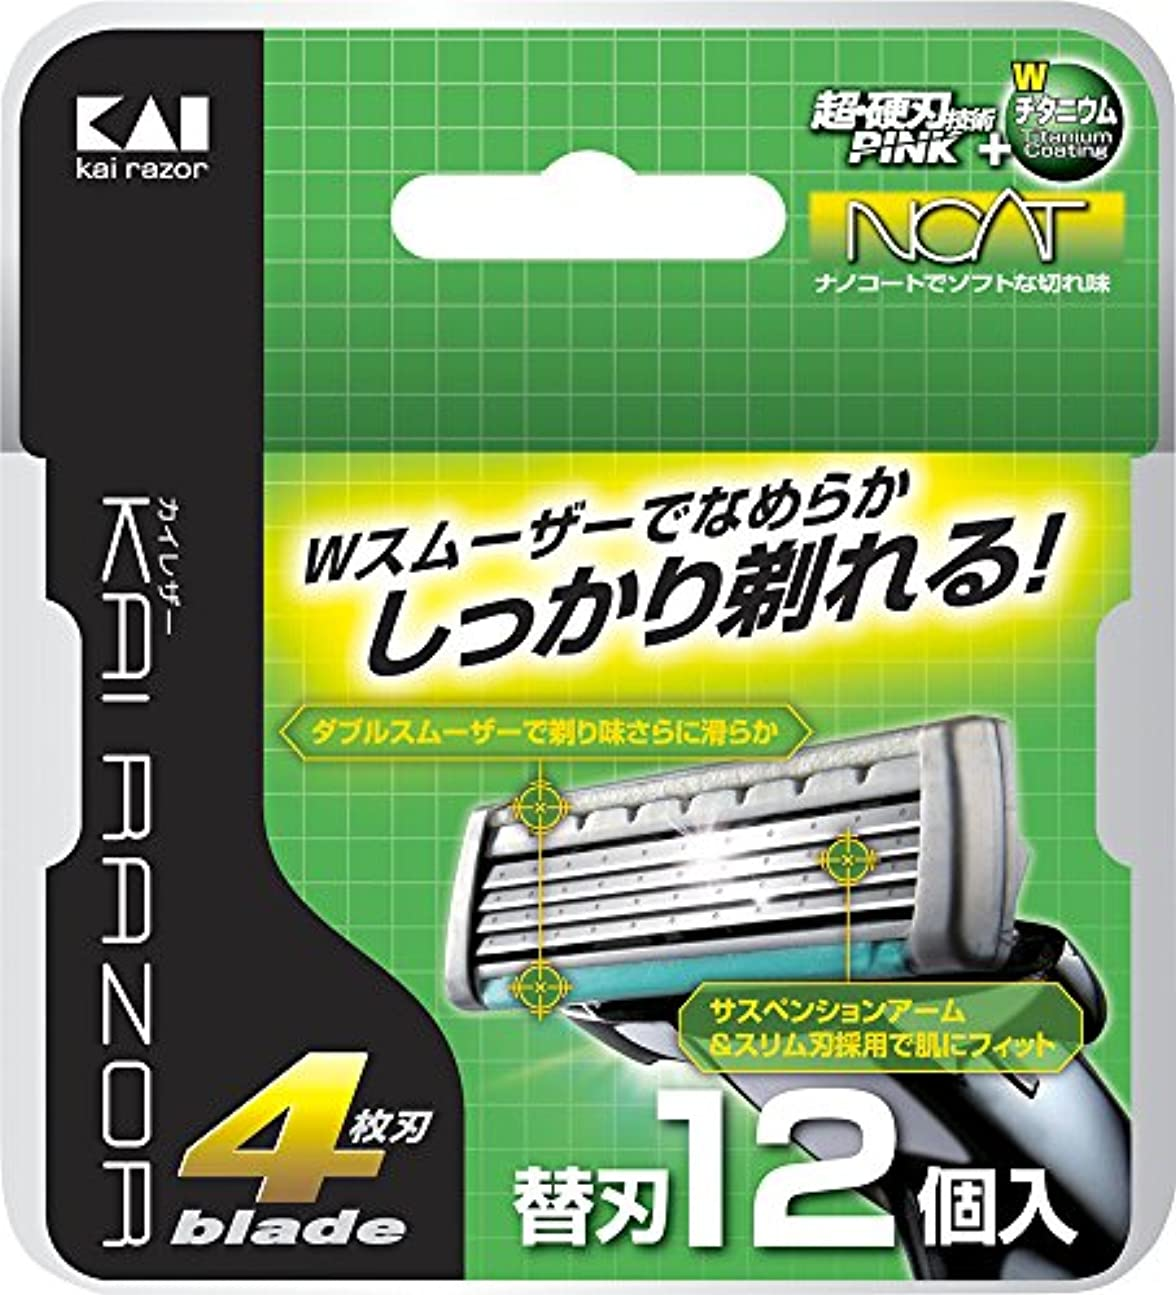 デモンストレーション共同選択骨折KAI RAZOR 4枚刃替刃 12個